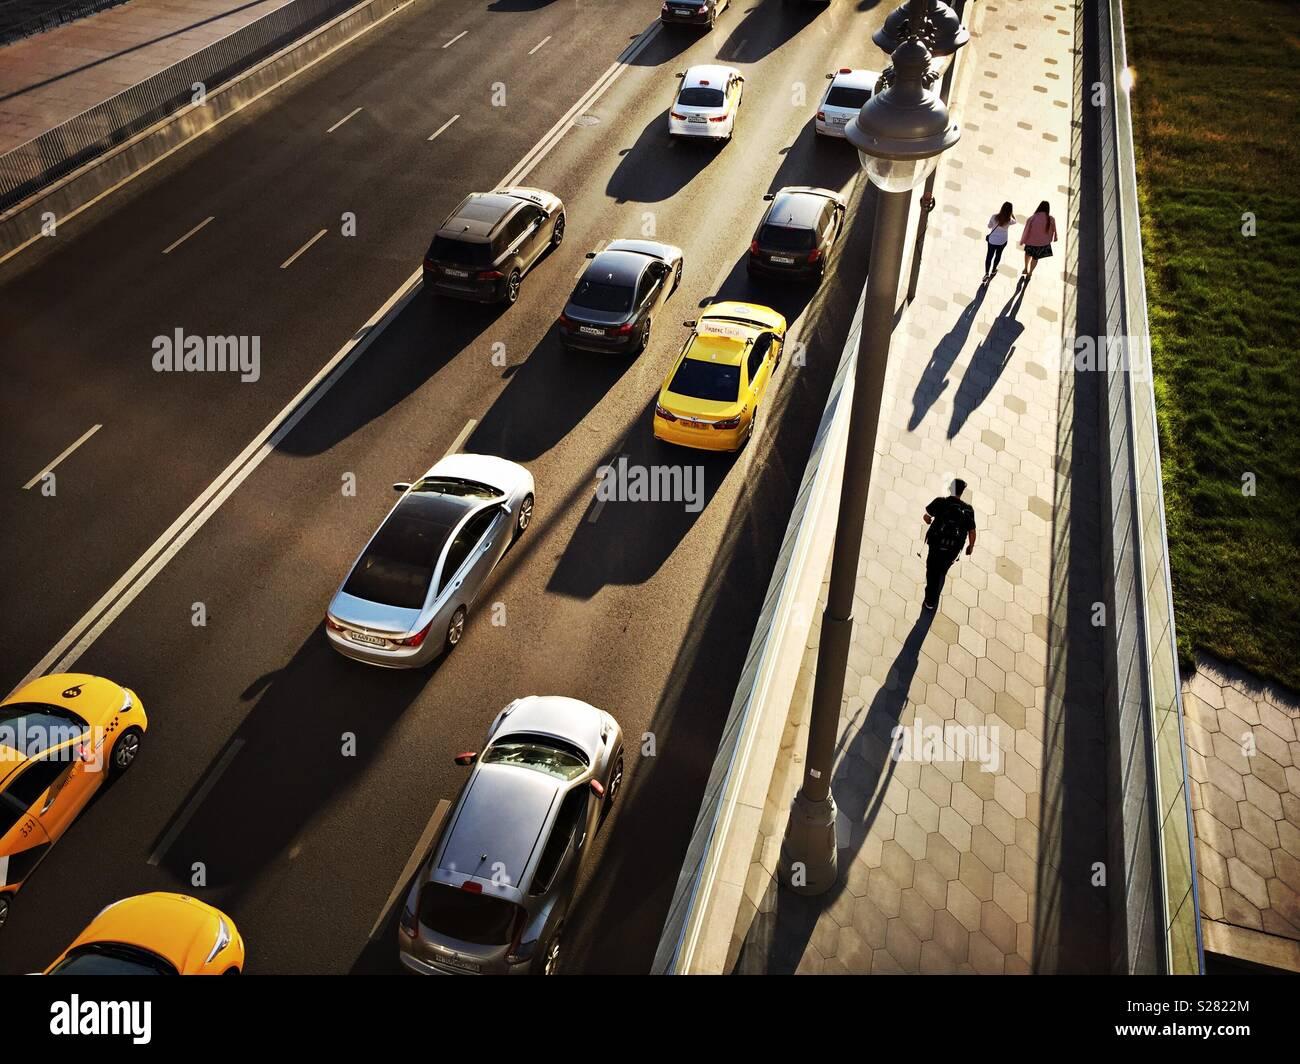 Taxi Khmelnitsky: phones